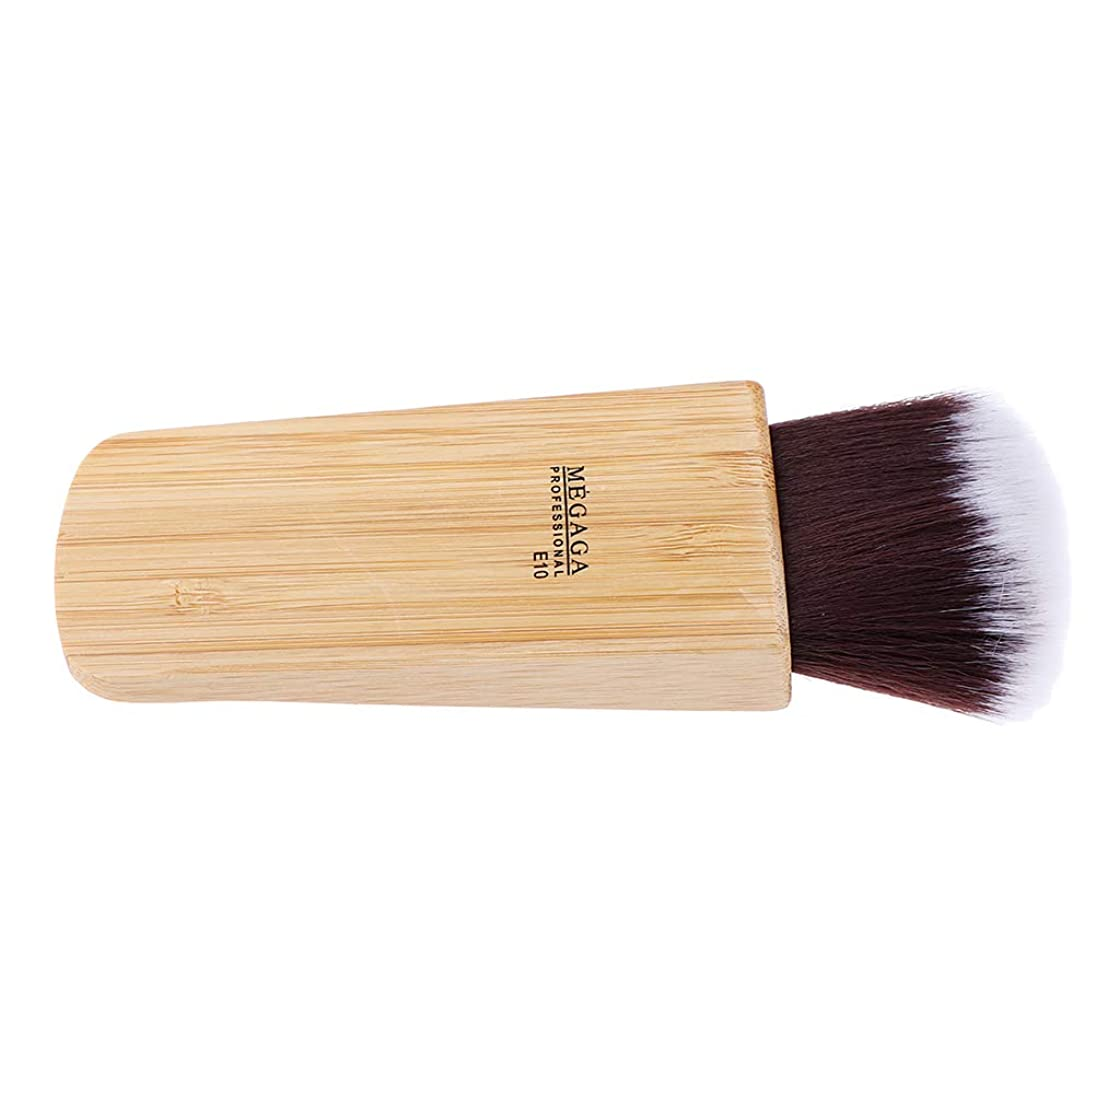 コードレス口ひげ時間F Fityle ネックダスターブラシ ヘアカット ネックブラシ 洗浄 ヘアブラシ 理髪美容ツール